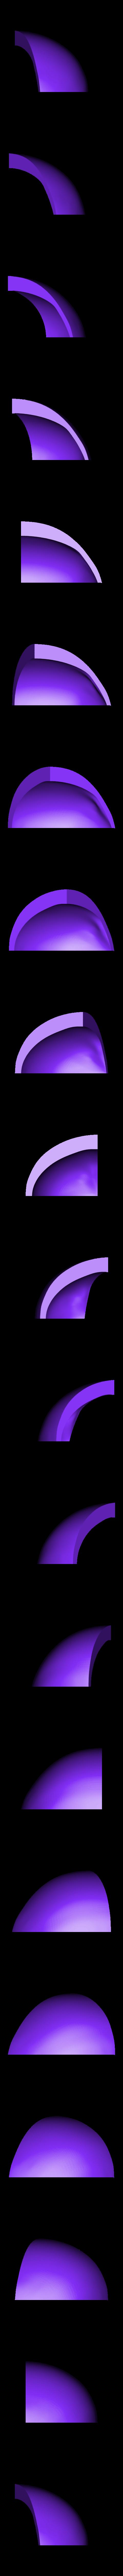 Part_11_v3.stl Download free STL file Sabine Wren Helmet Star Wars • Model to 3D print, VillainousPropShop